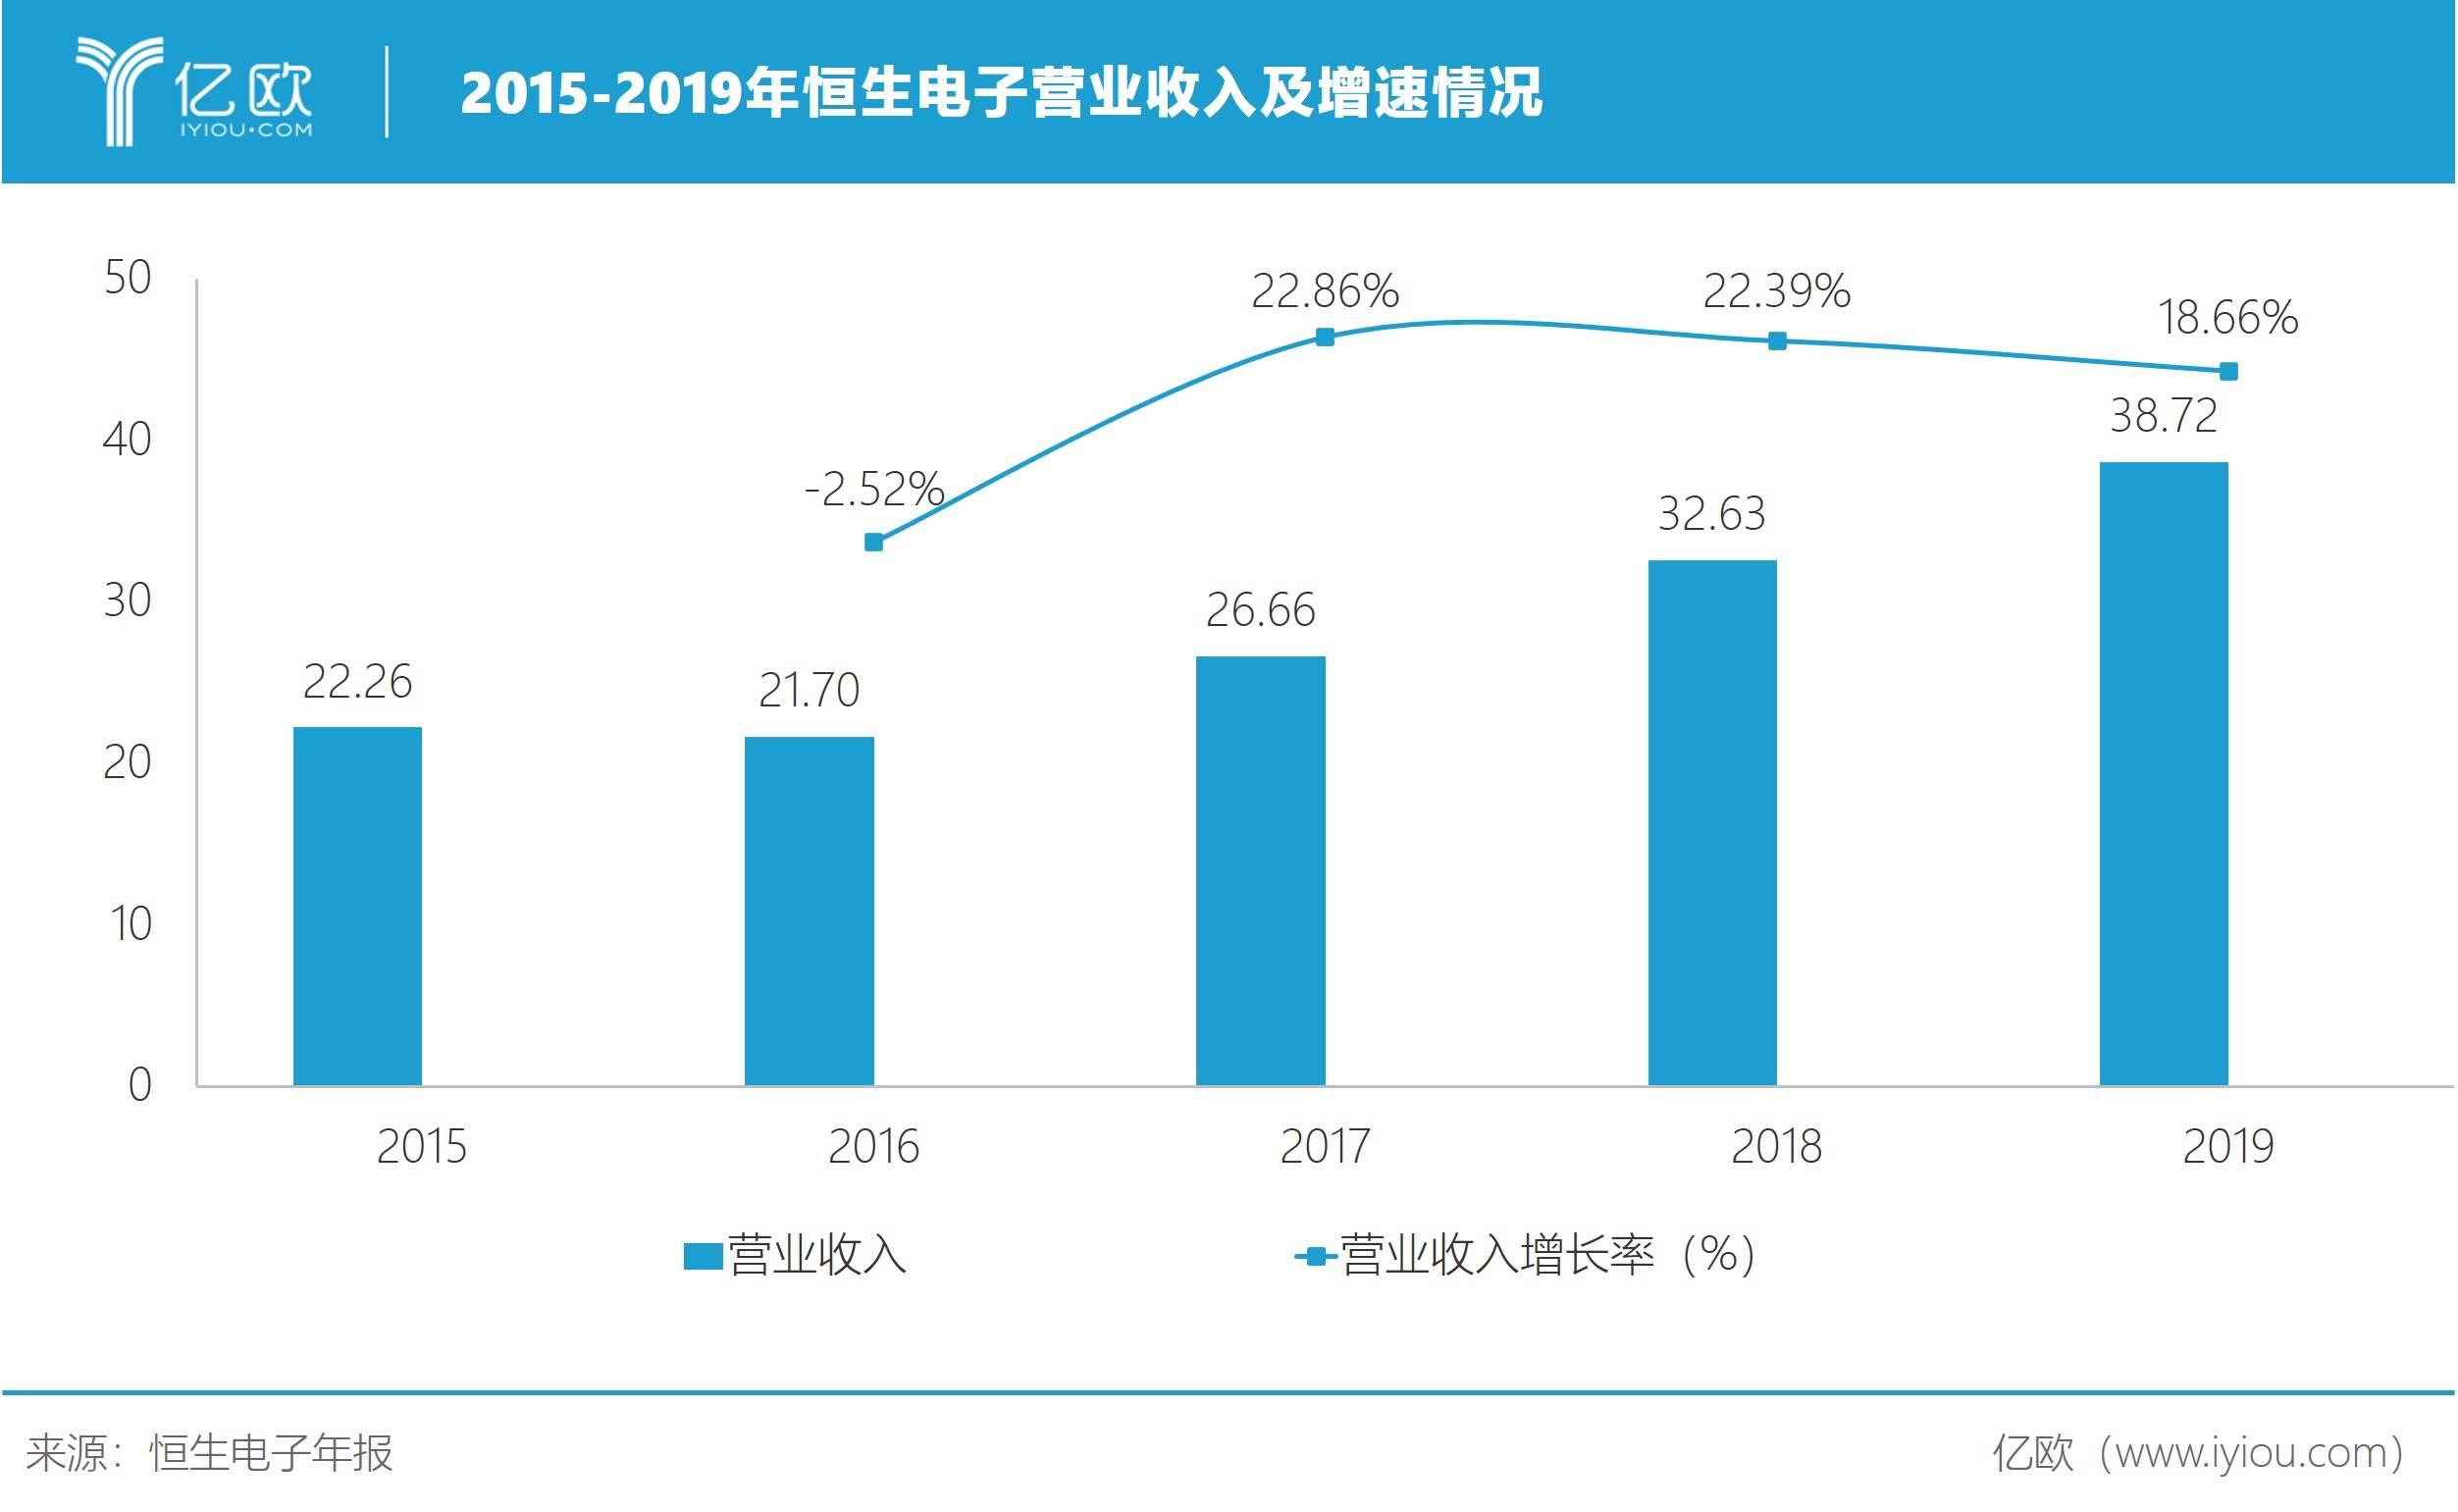 2015-2019年恒生电子营业收入及增速情况